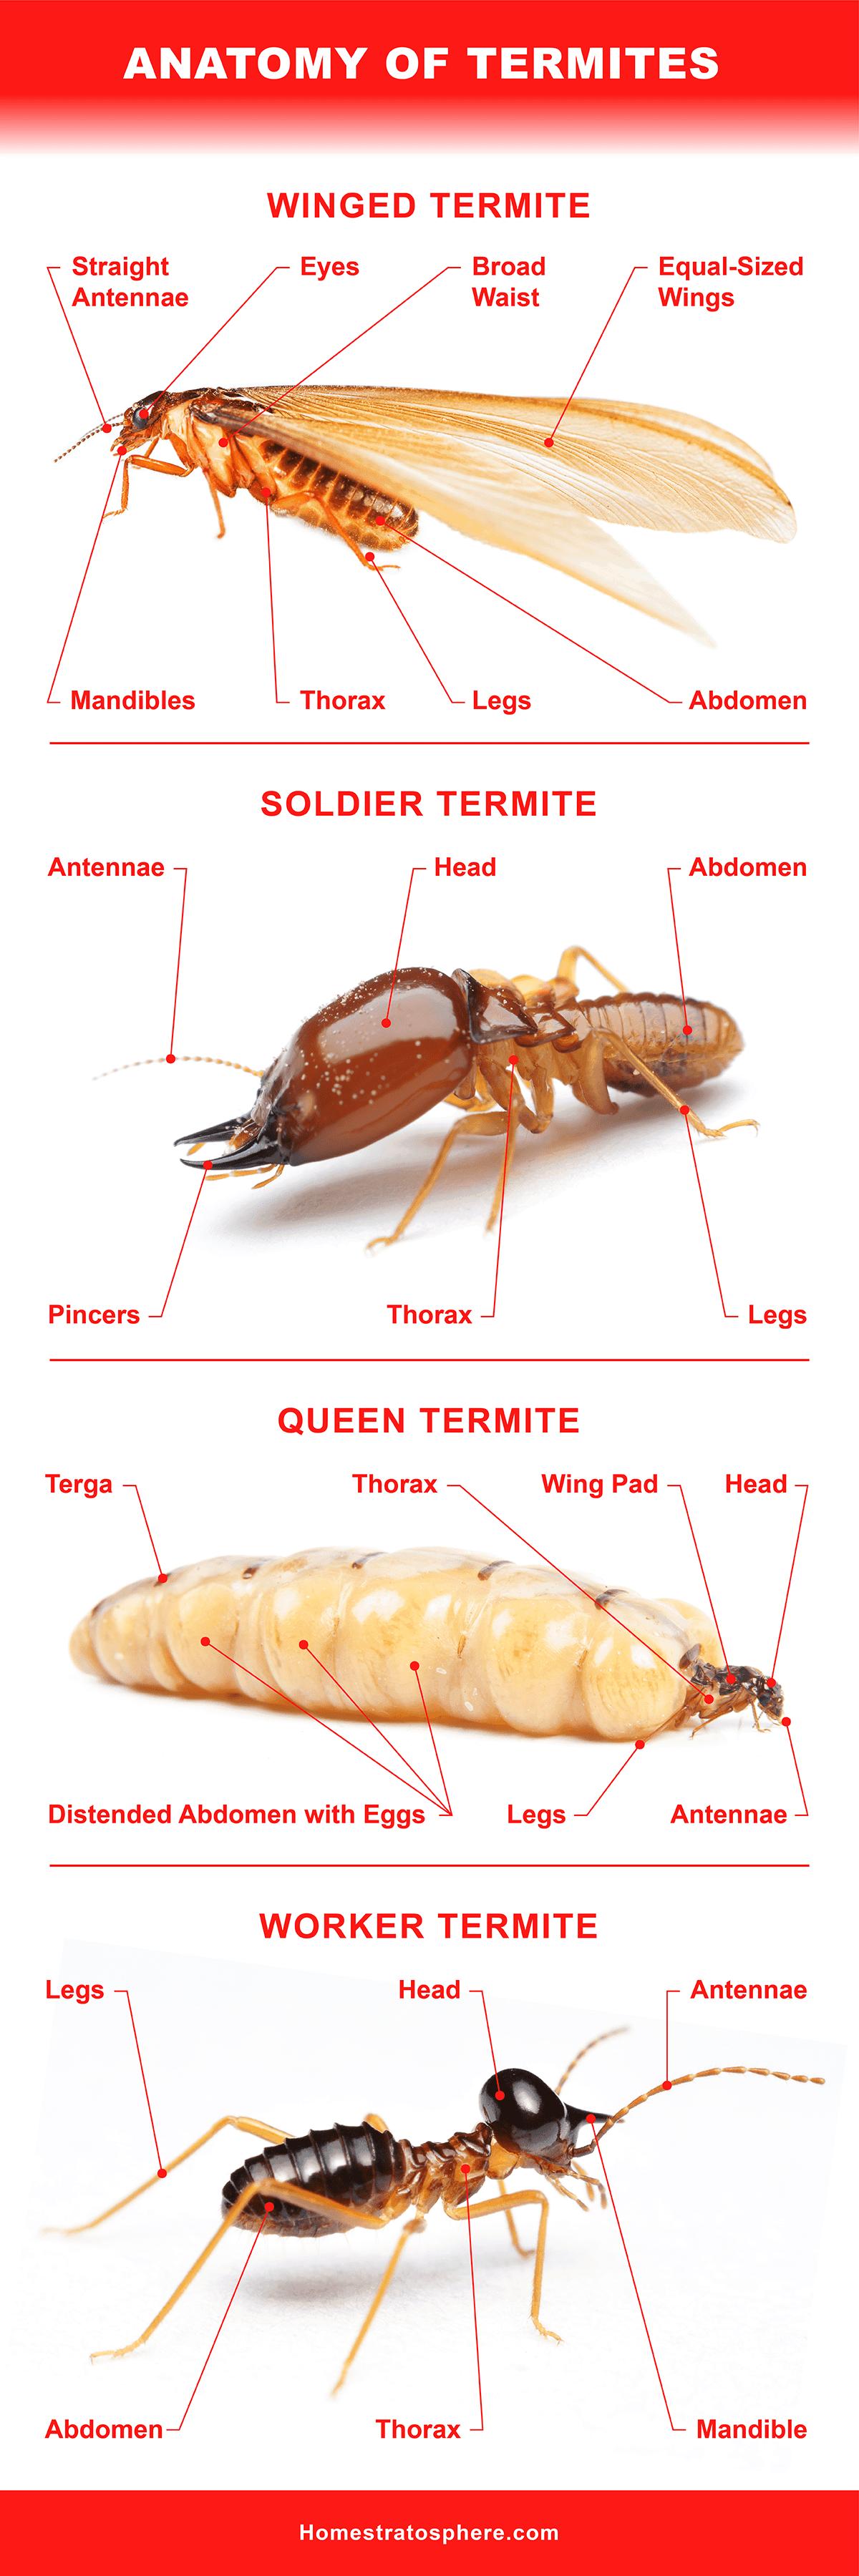 Anatomy of Termites